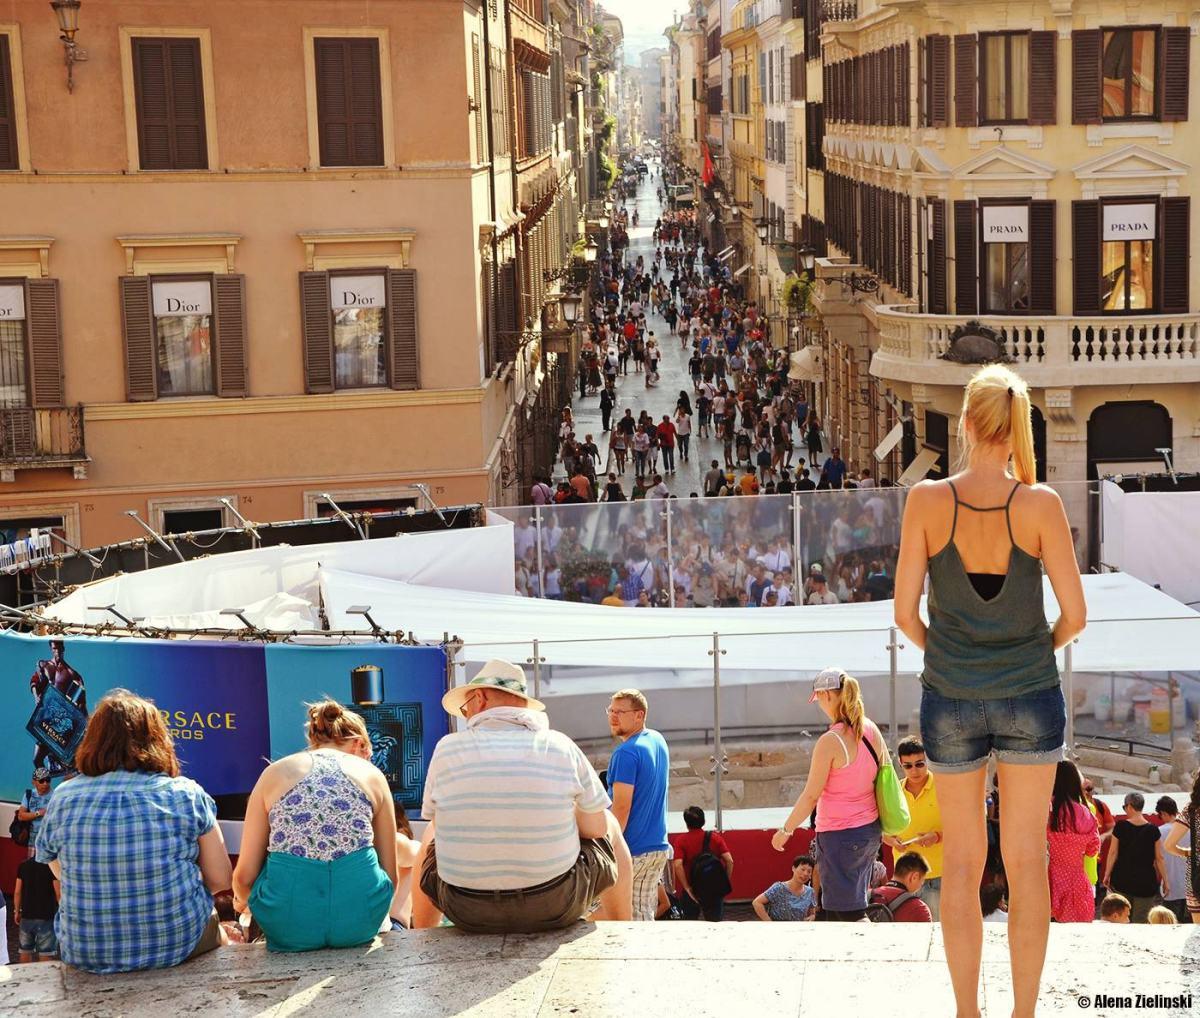 21 Gründe, warum jeder mal alleine reisen sollte